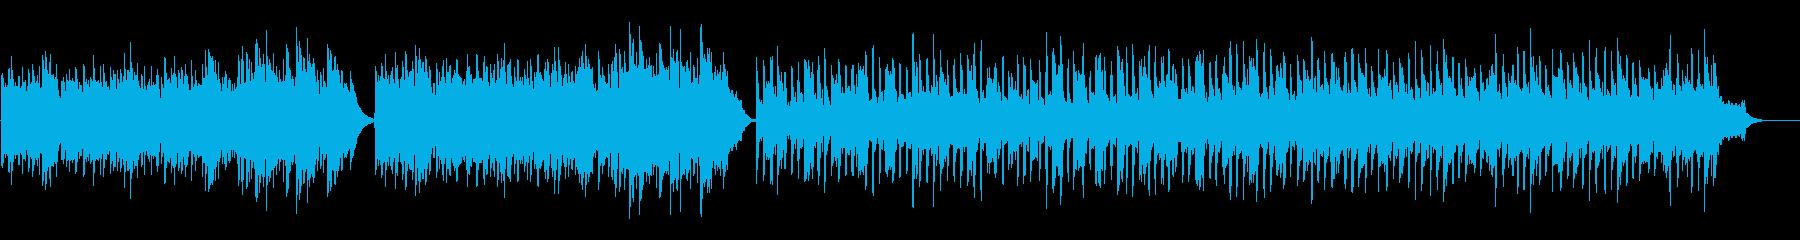 焚き火の音とコラボするBGMの再生済みの波形